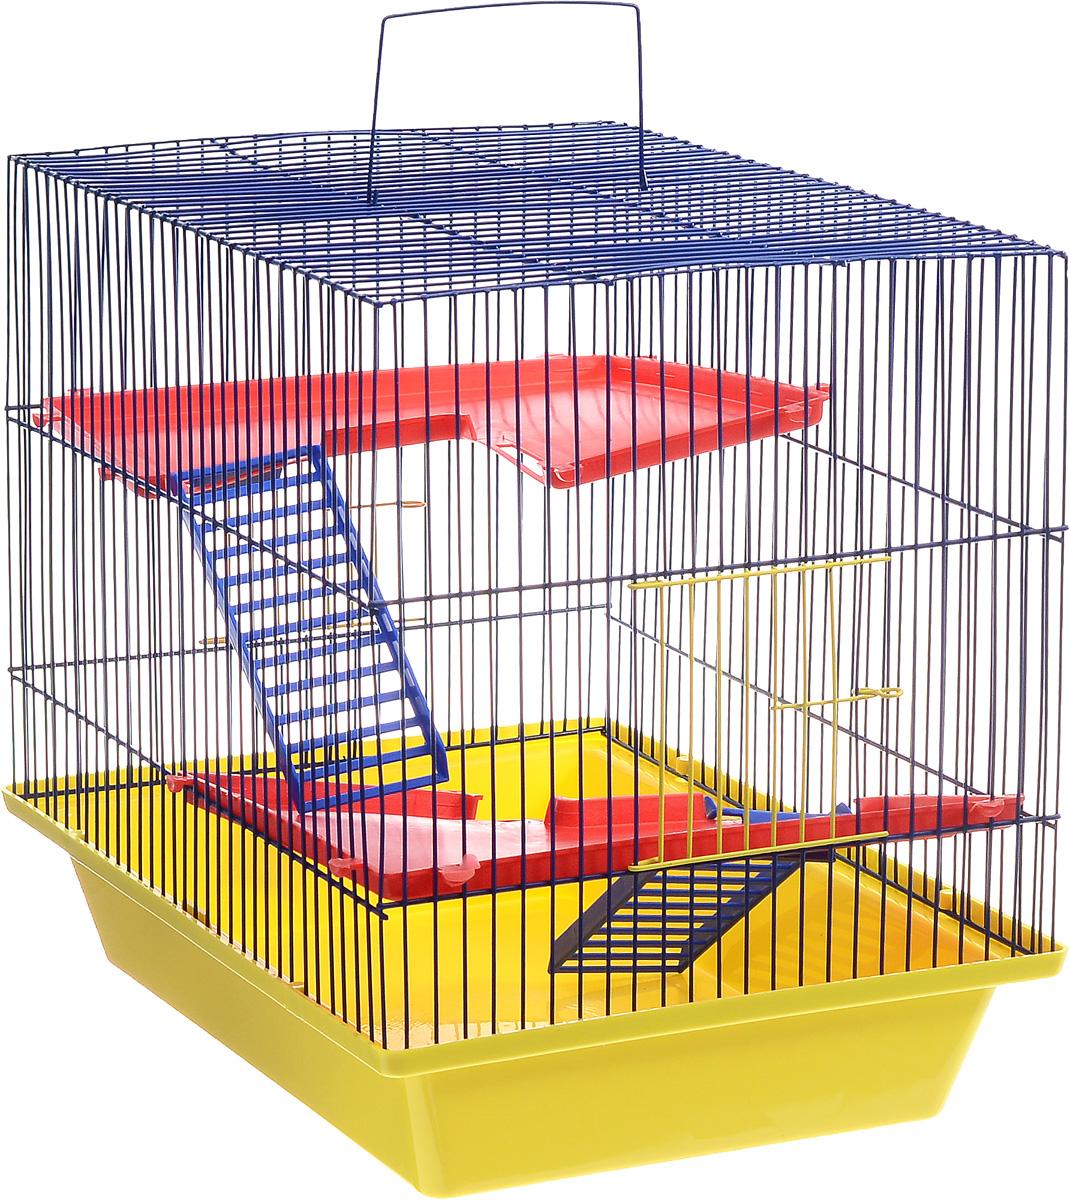 Клетка для грызунов ЗооМарк Гризли, 3-этажная, цвет: желтый поддон, синяя решетка, красные этажи, 41 х 30 х 36 см230ЖСКлетка ЗооМарк Гризли, выполненная из полипропилена и металла, подходит для мелких грызунов. Изделие трехэтажное. Клетка имеет яркий поддон, удобна в использовании и легко чистится. Сверху имеется ручка для переноски.Такая клетка станет уединенным личным пространством и уютным домиком для маленького грызуна.